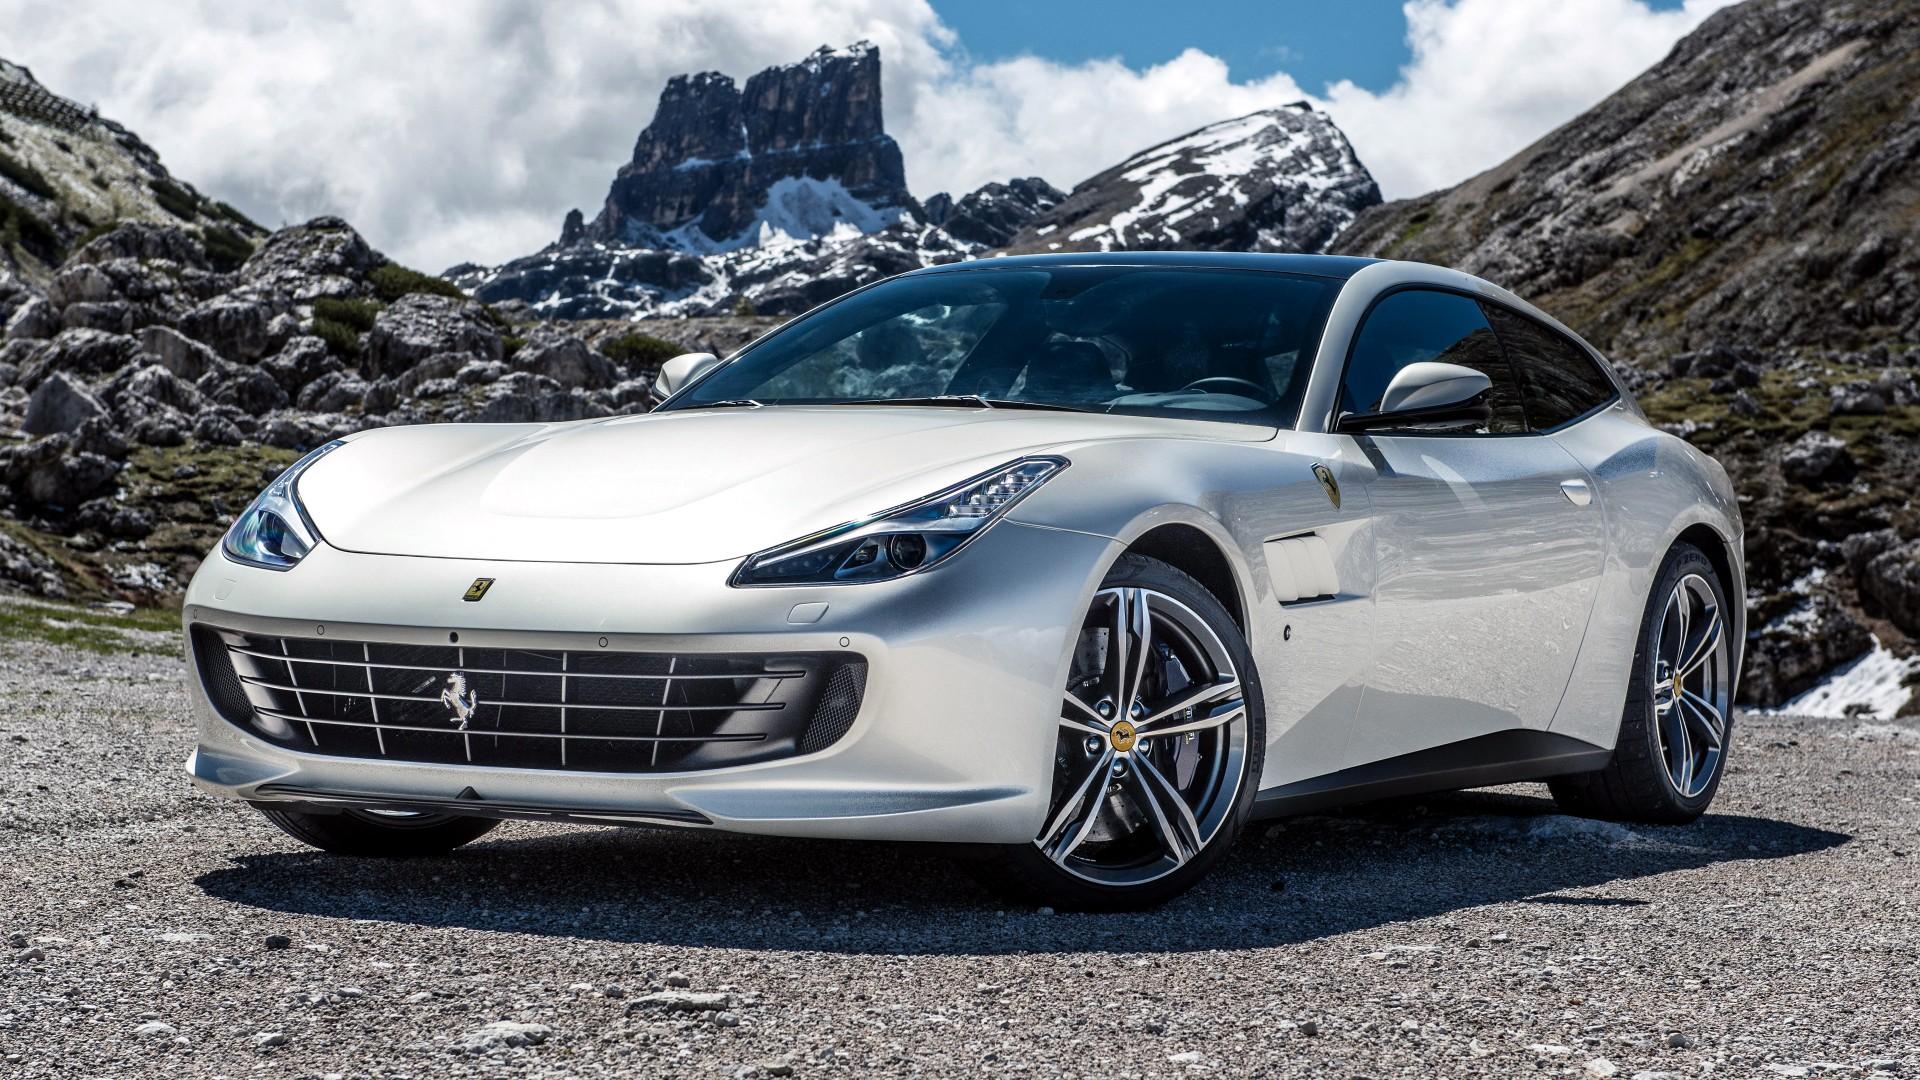 Ferrari Cars Wallpapers Hd Free Download For Desktop